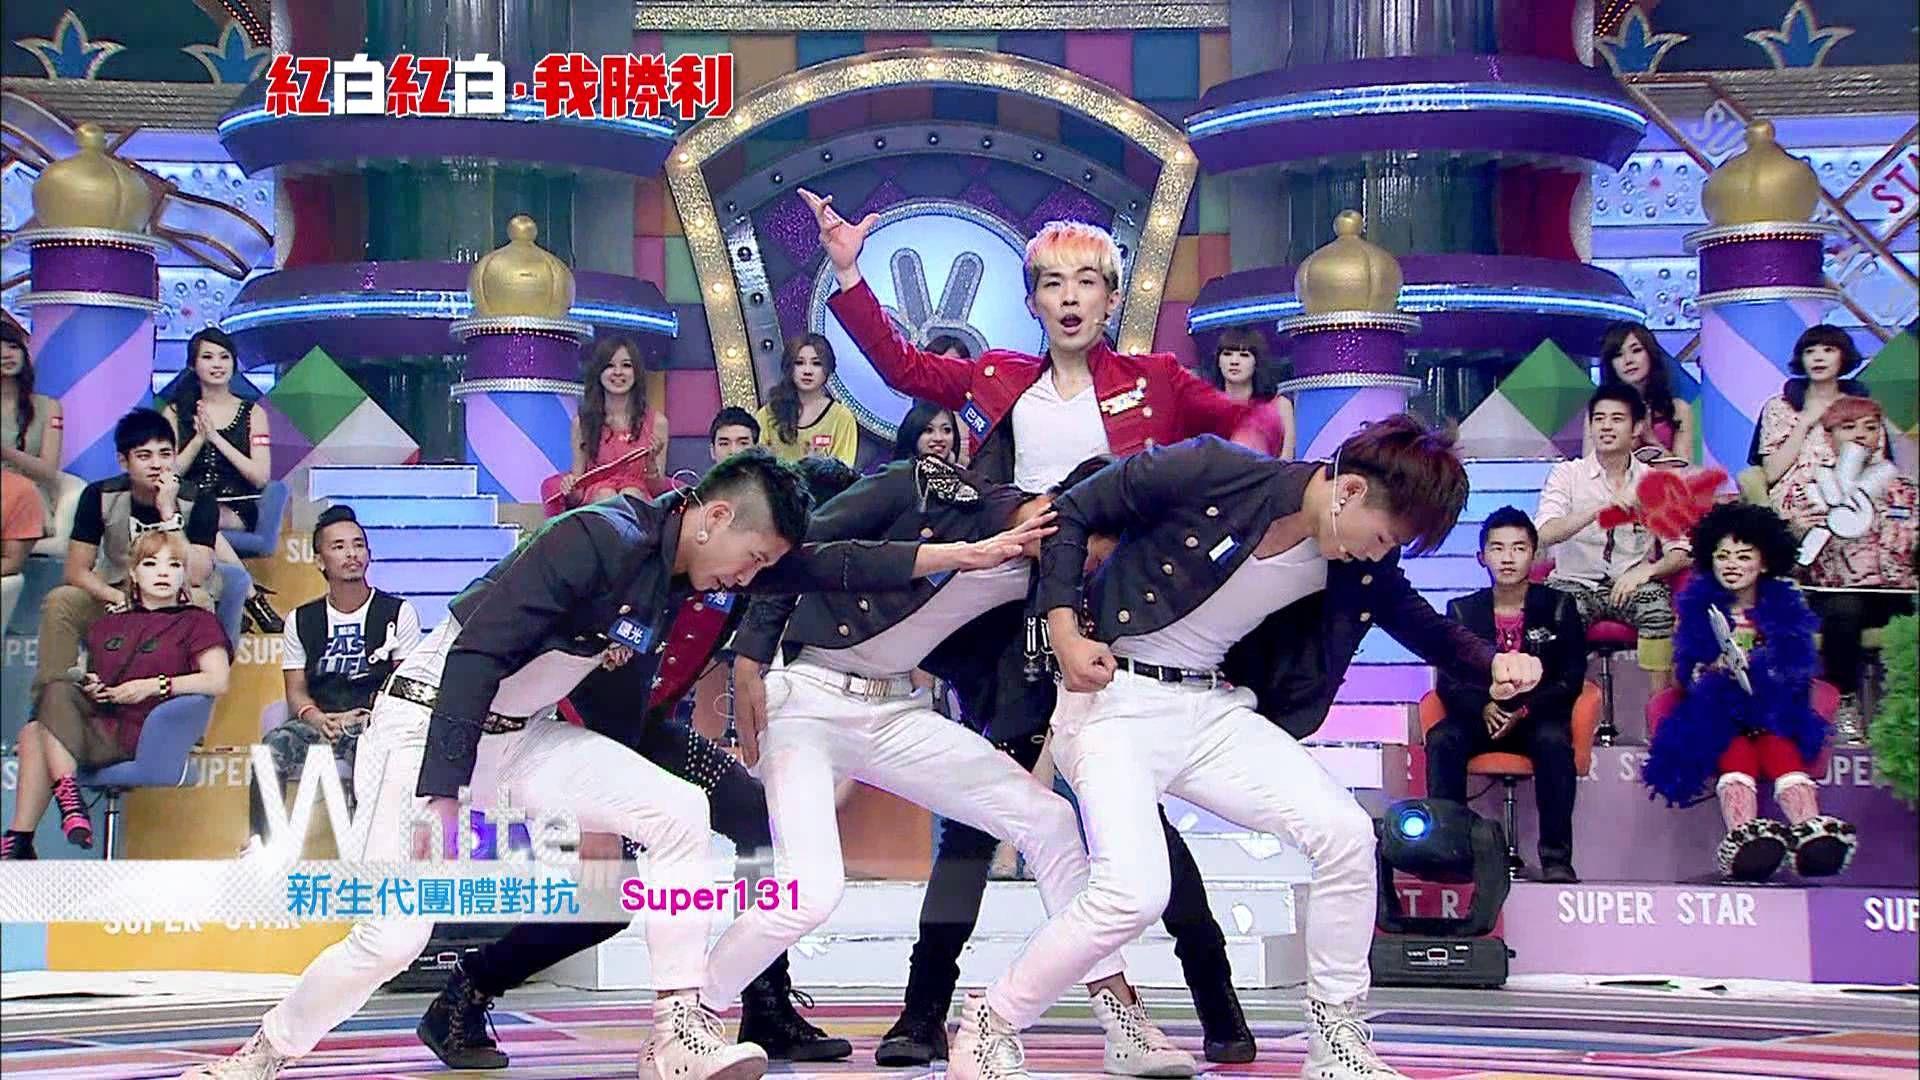 『紅白紅白我勝利』20120610 新生代團體對抗 SUPER131 (HD)